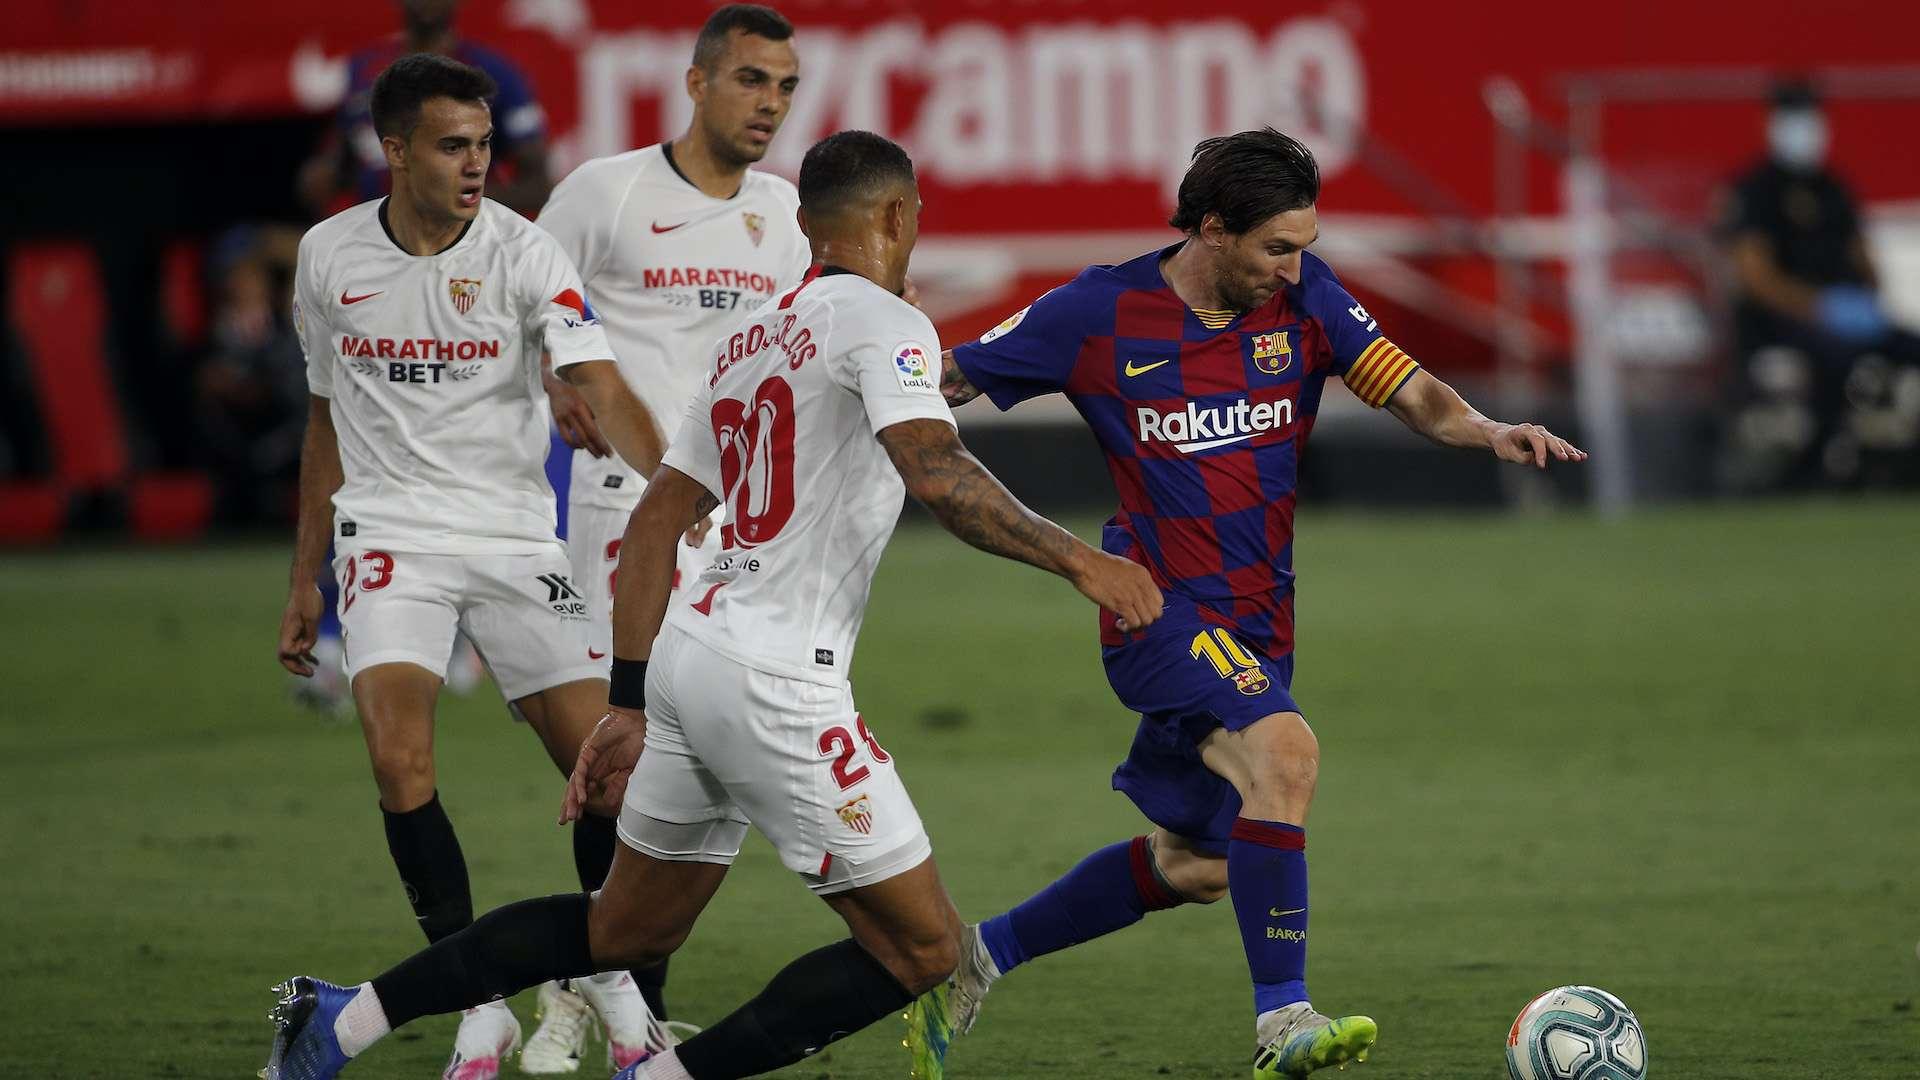 مباراة إشبيلية برشلونة الدوري الإسباني